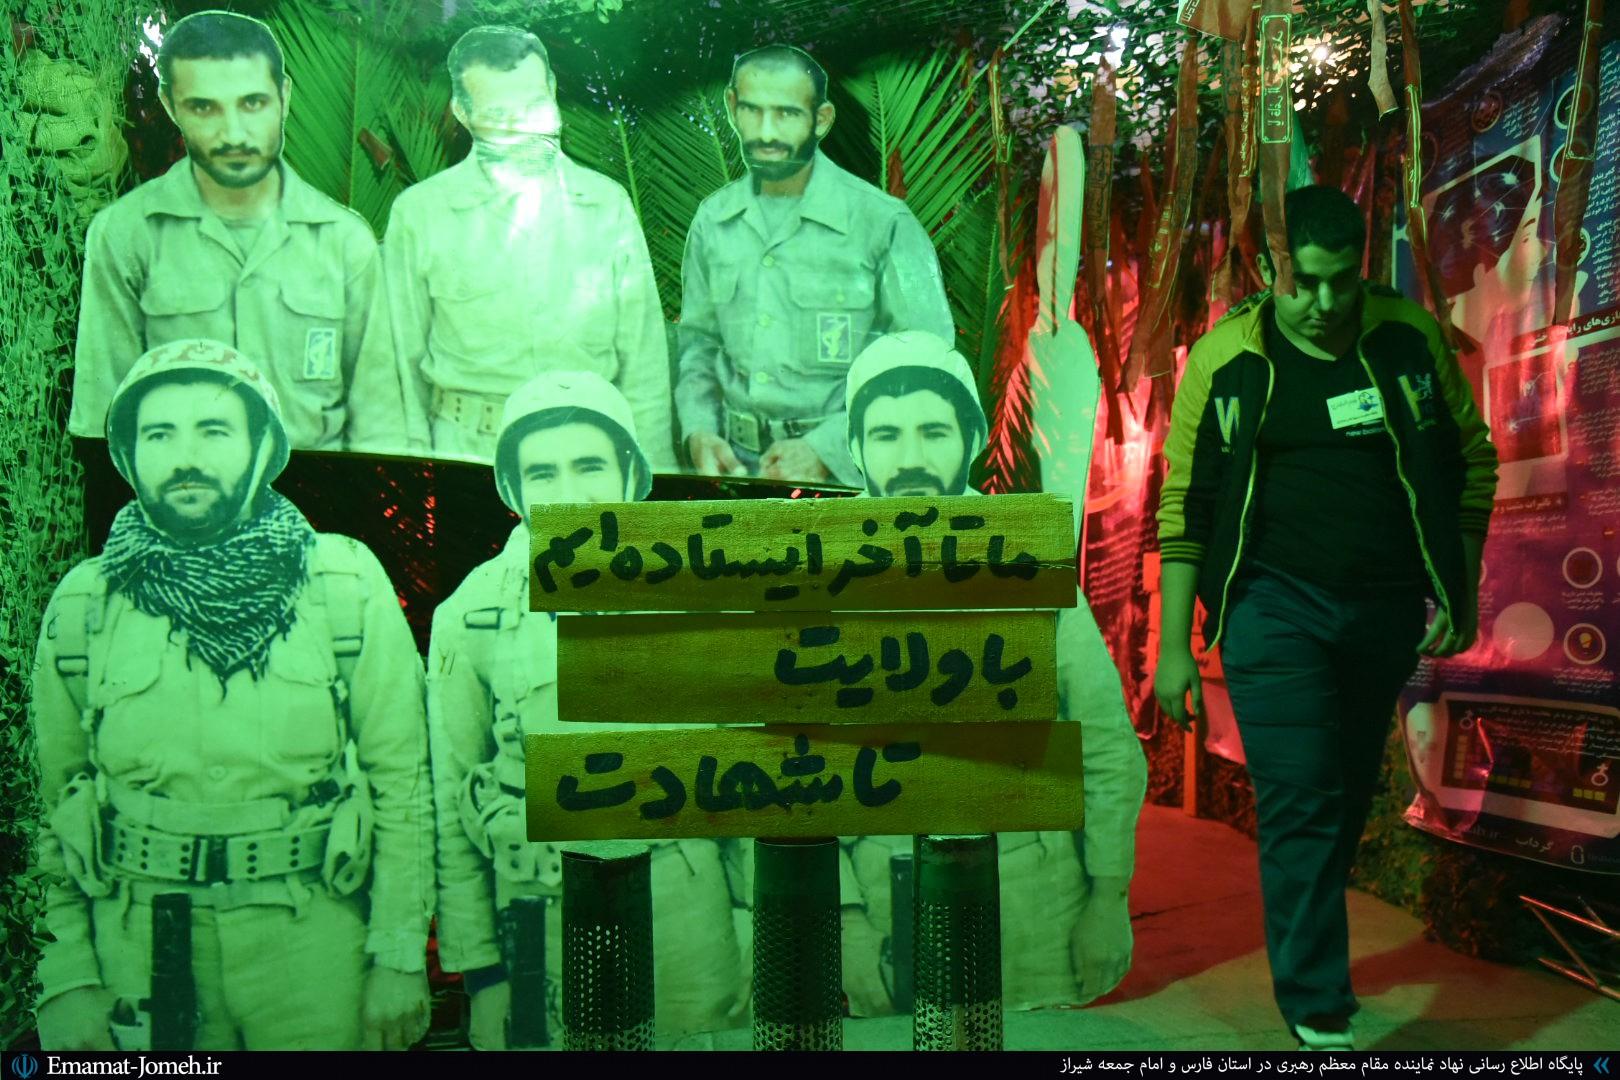 نهمین یادواره شهدای محله خاتون شیراز با حضور آیت الله دژکام